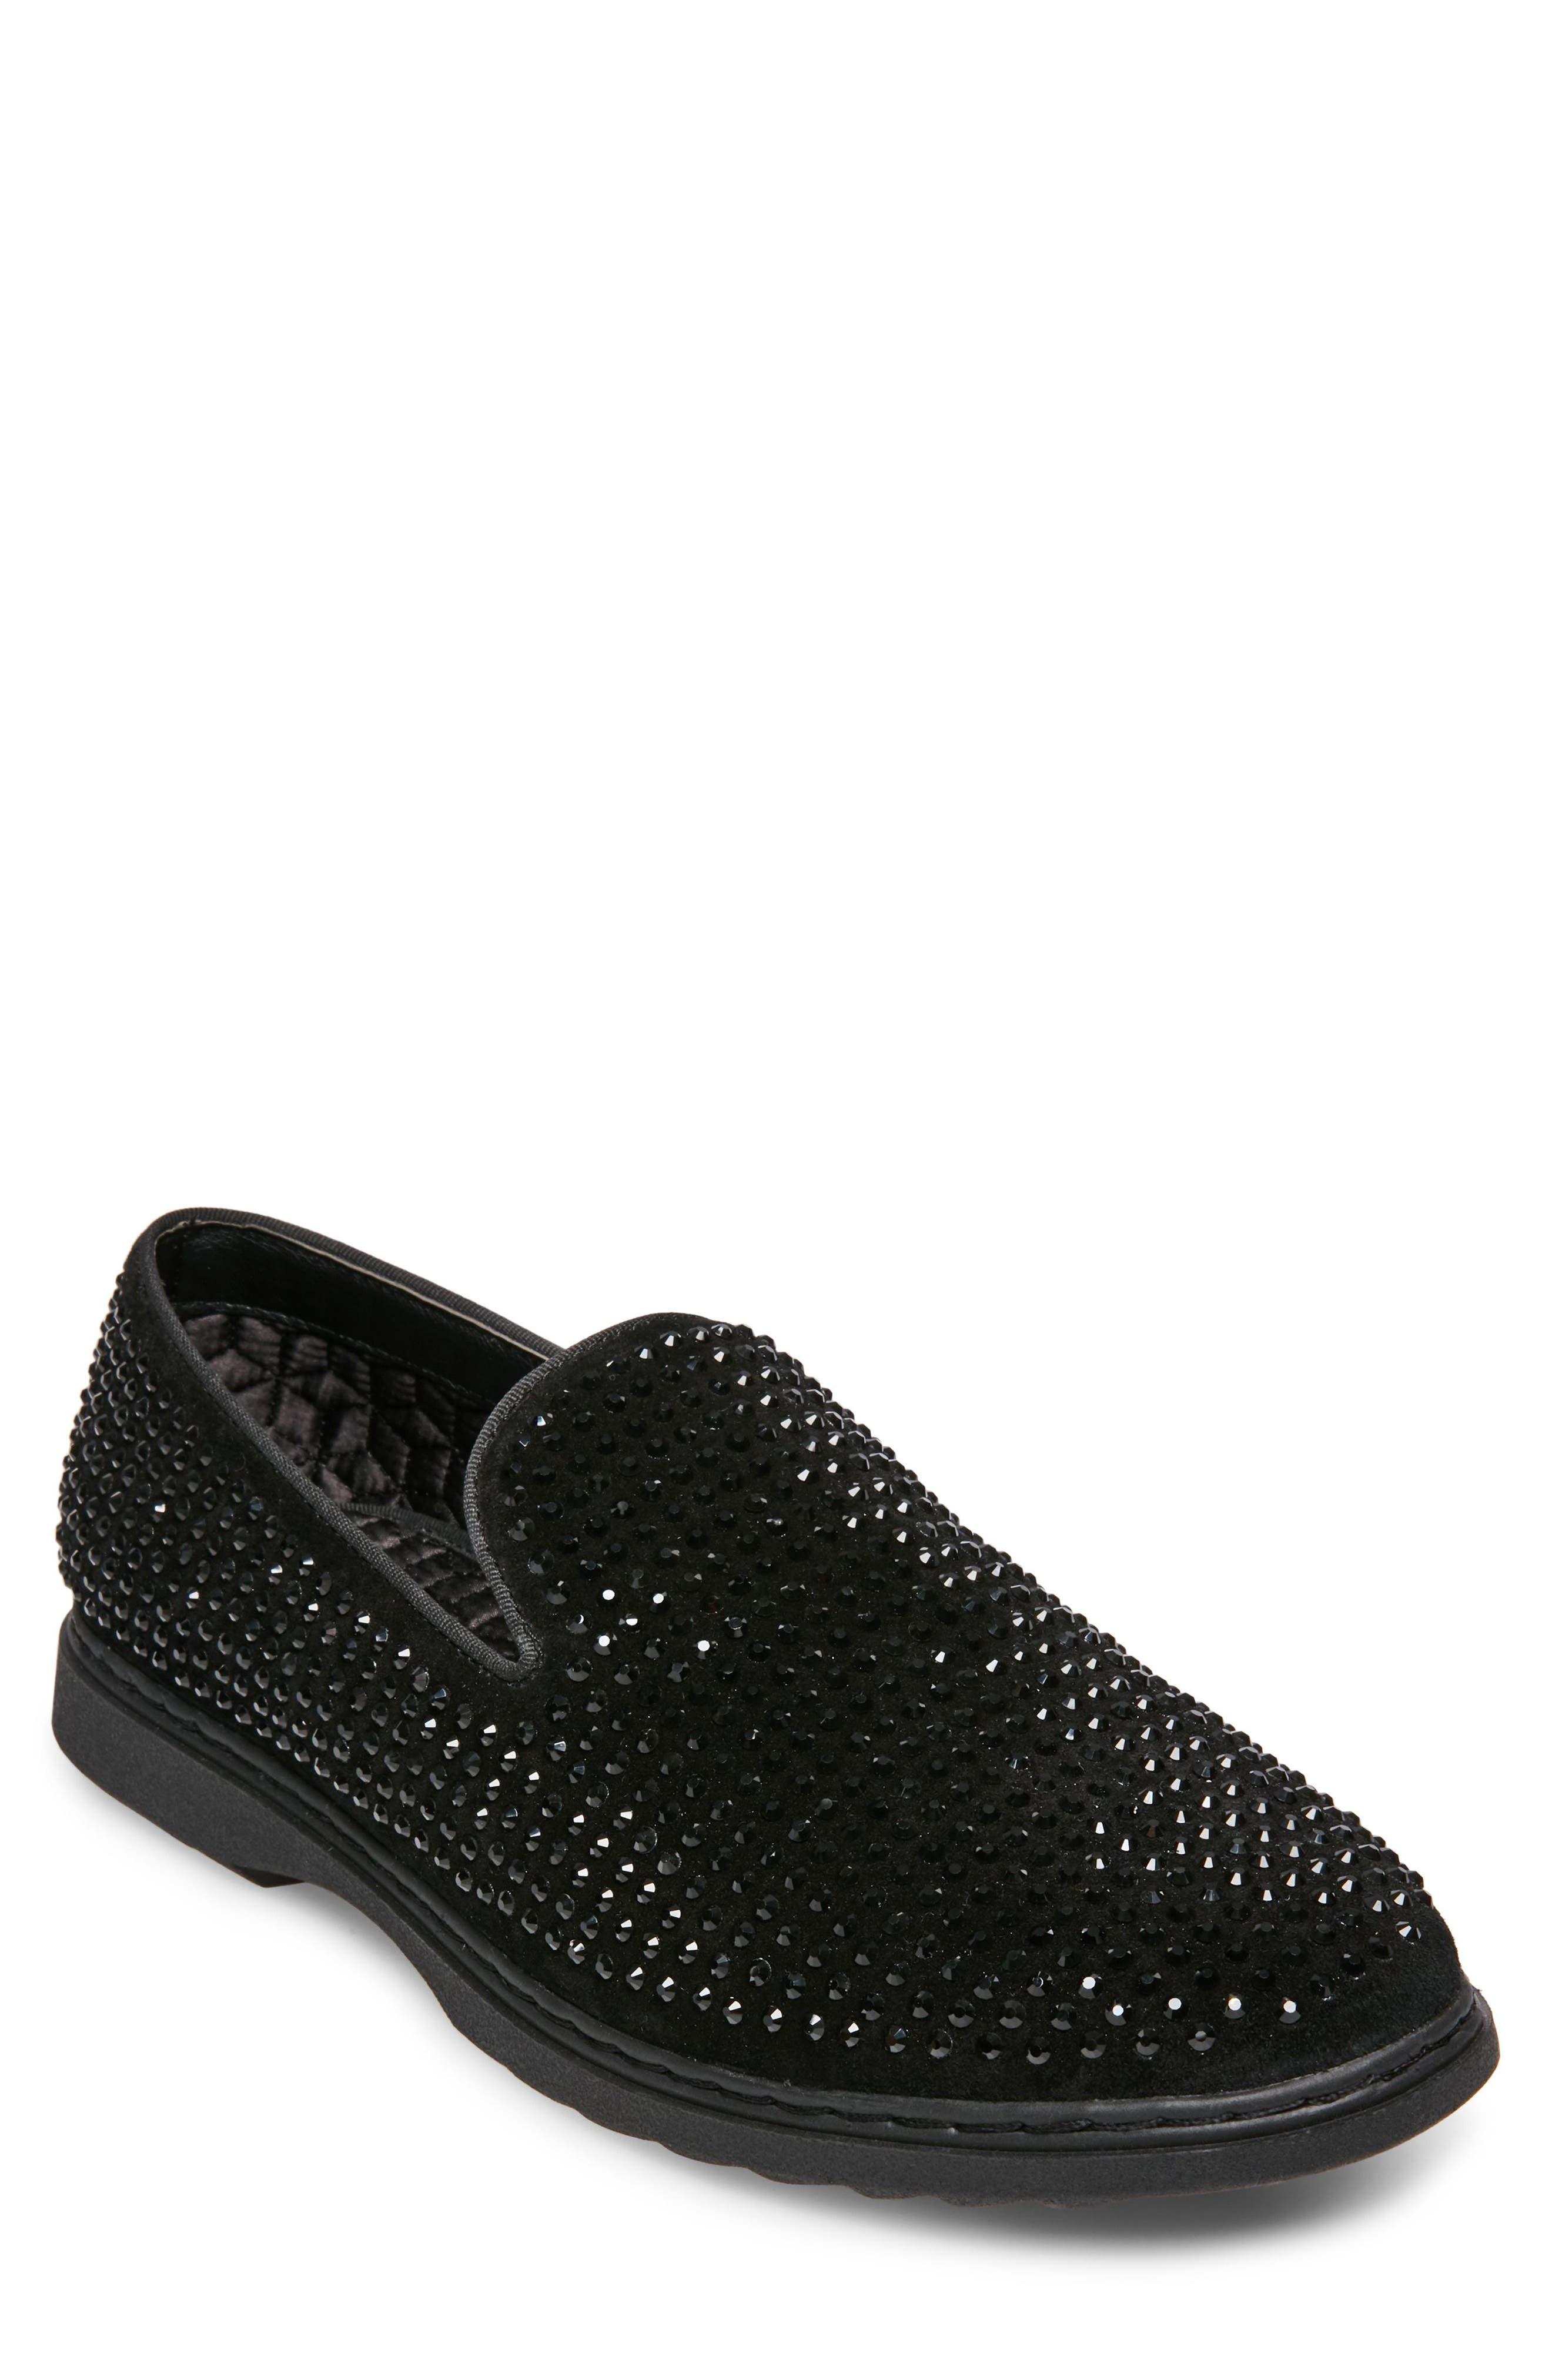 Grinder Embellished Venetian Loafer,                         Main,                         color, BLACK LEATHER